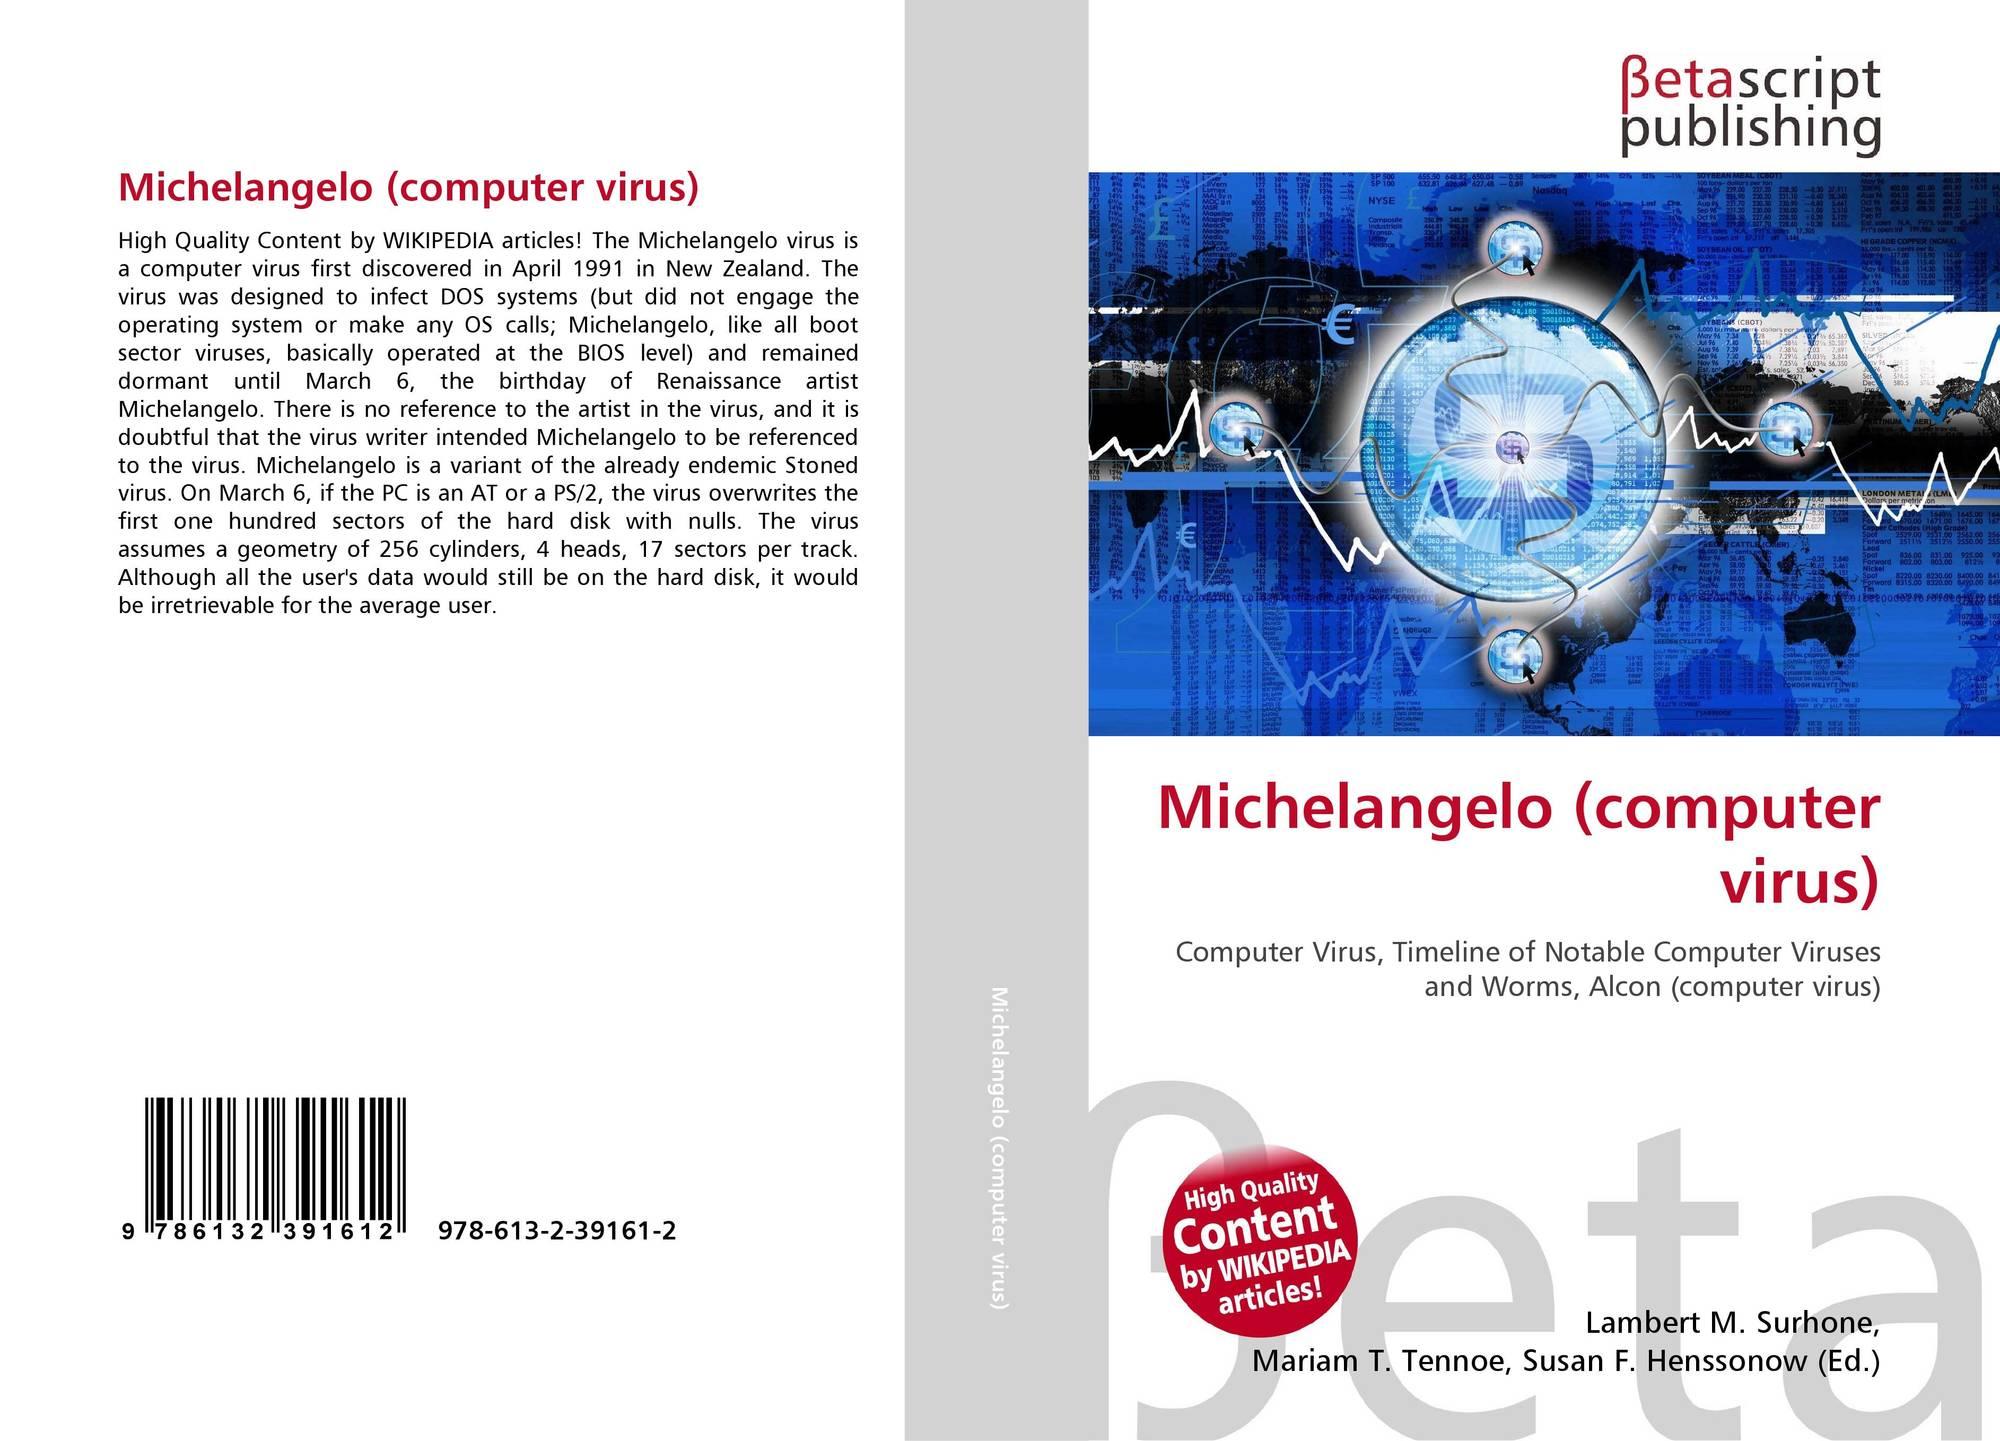 Michelangelo (computer virus), 978-613-2-39161-2, 6132391614